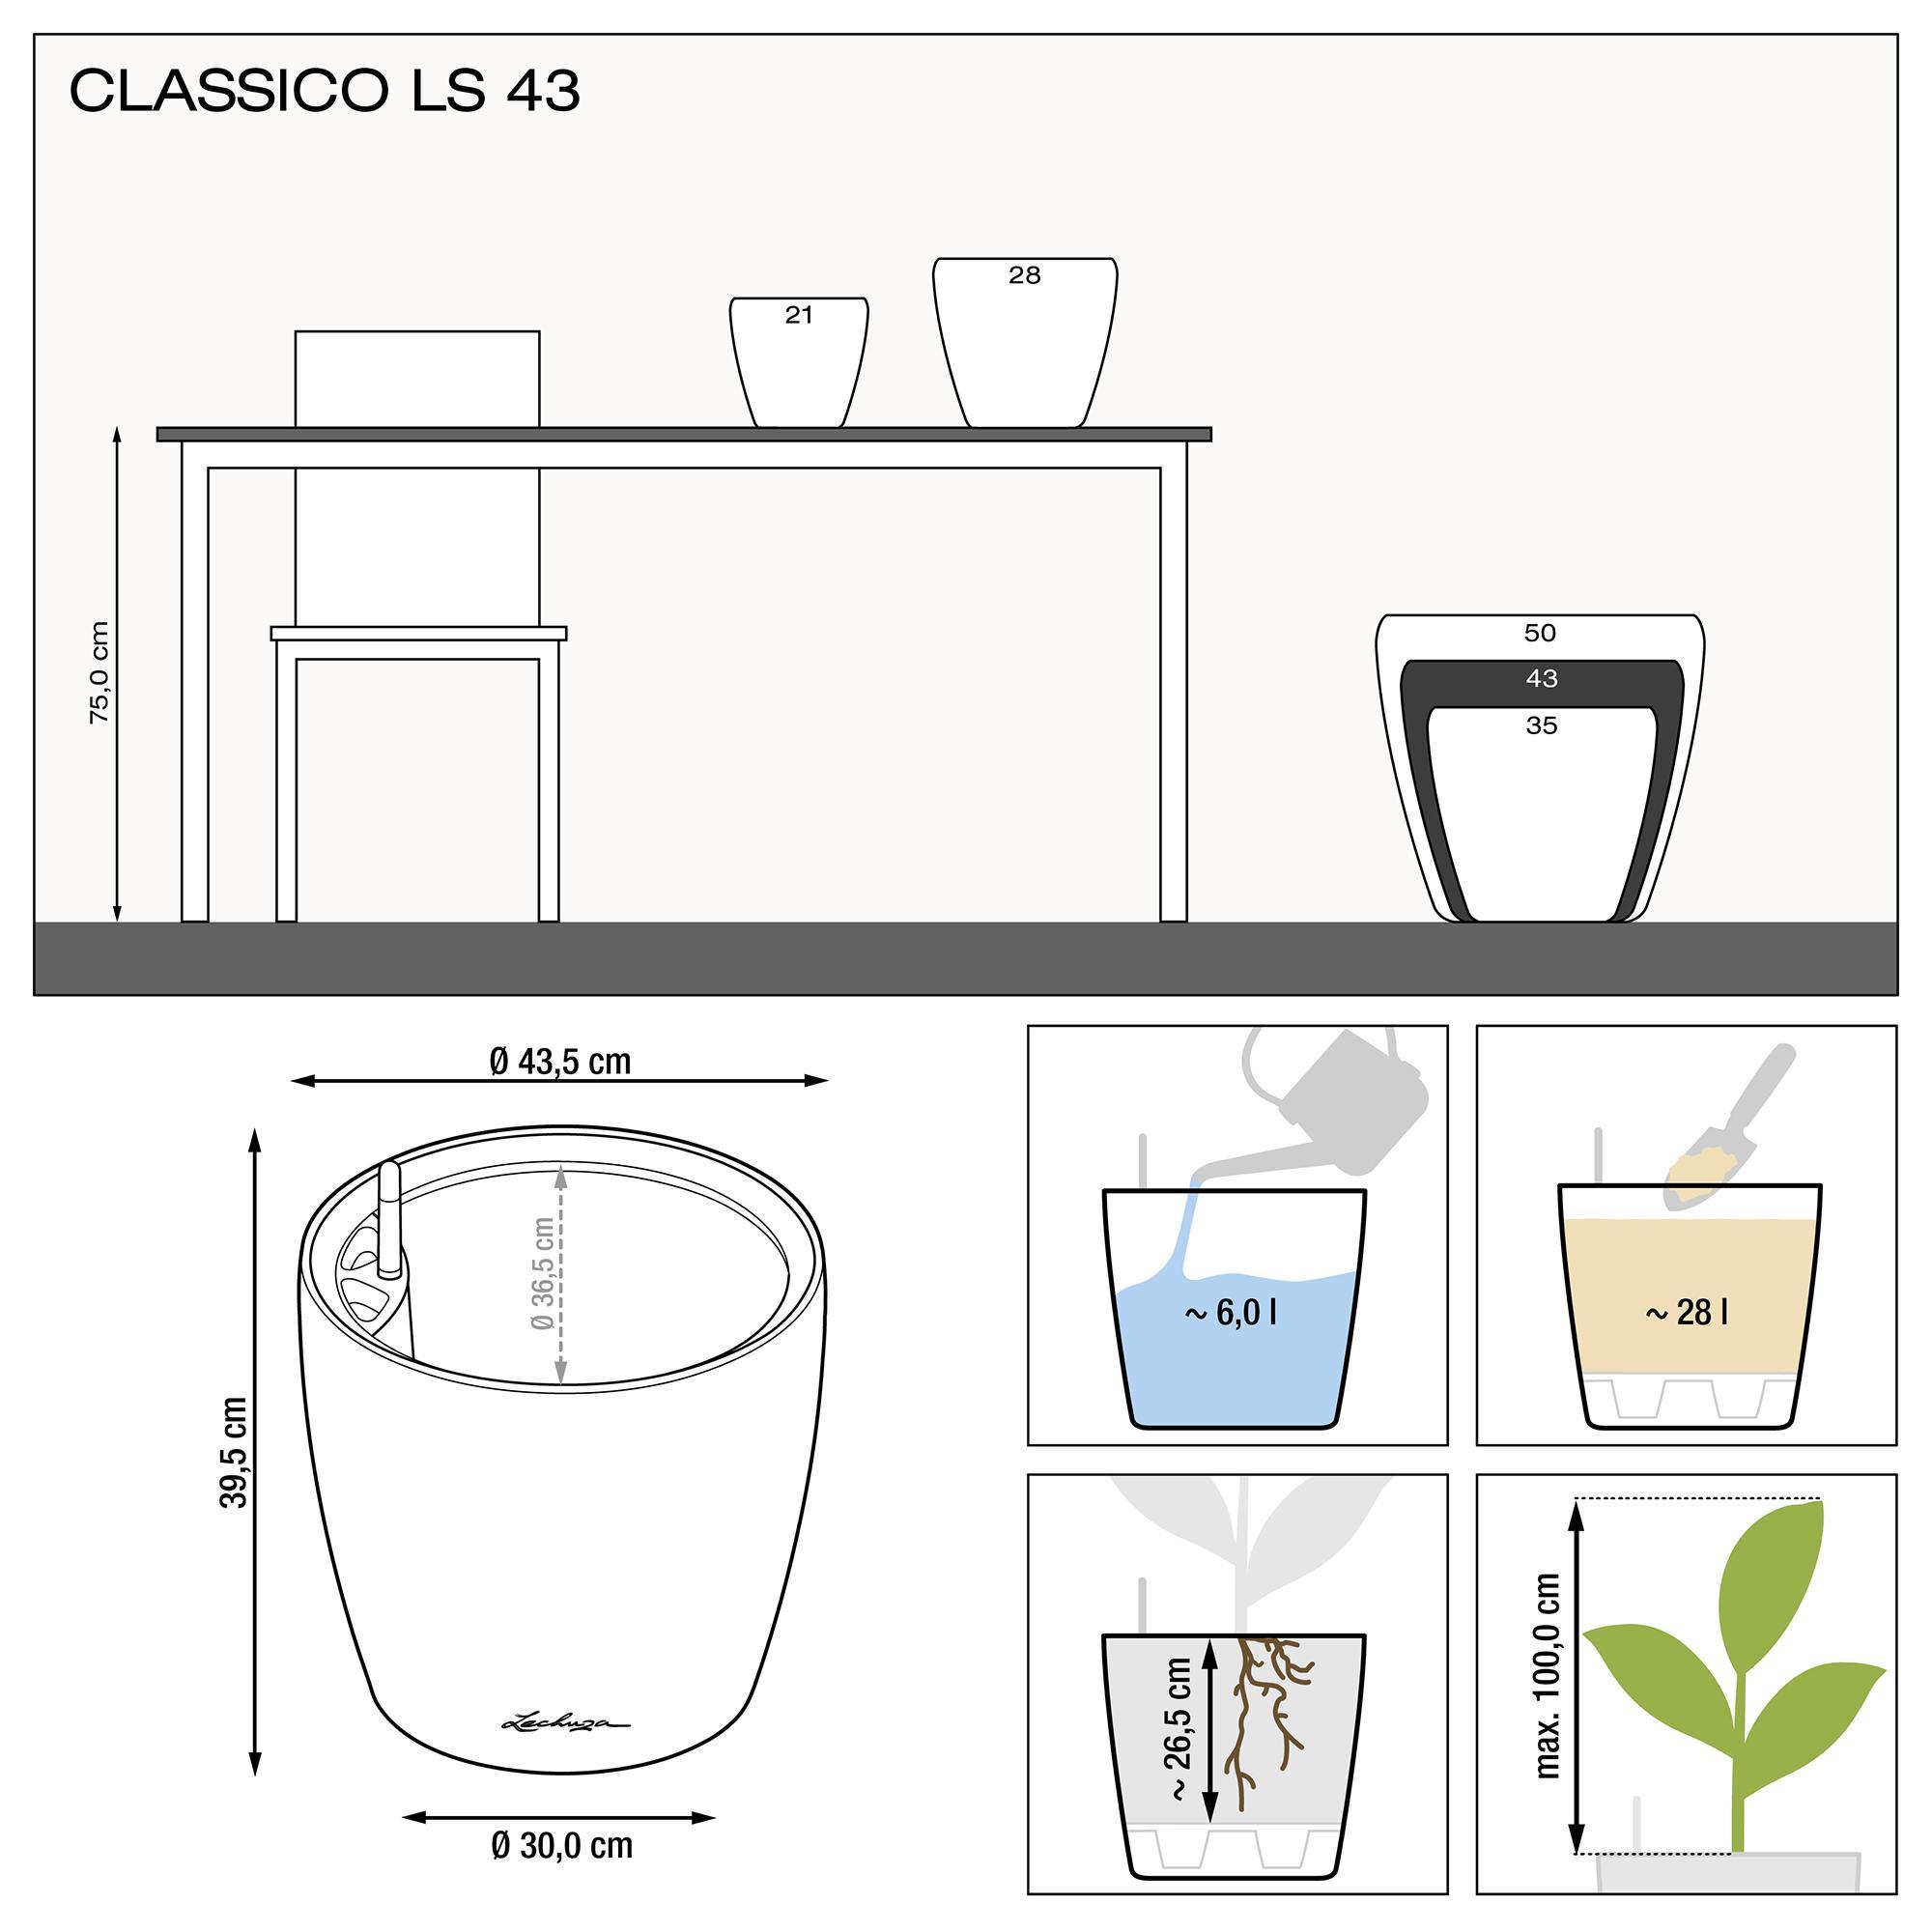 CLASSICO LS 43 charcoal metallic - Image 3